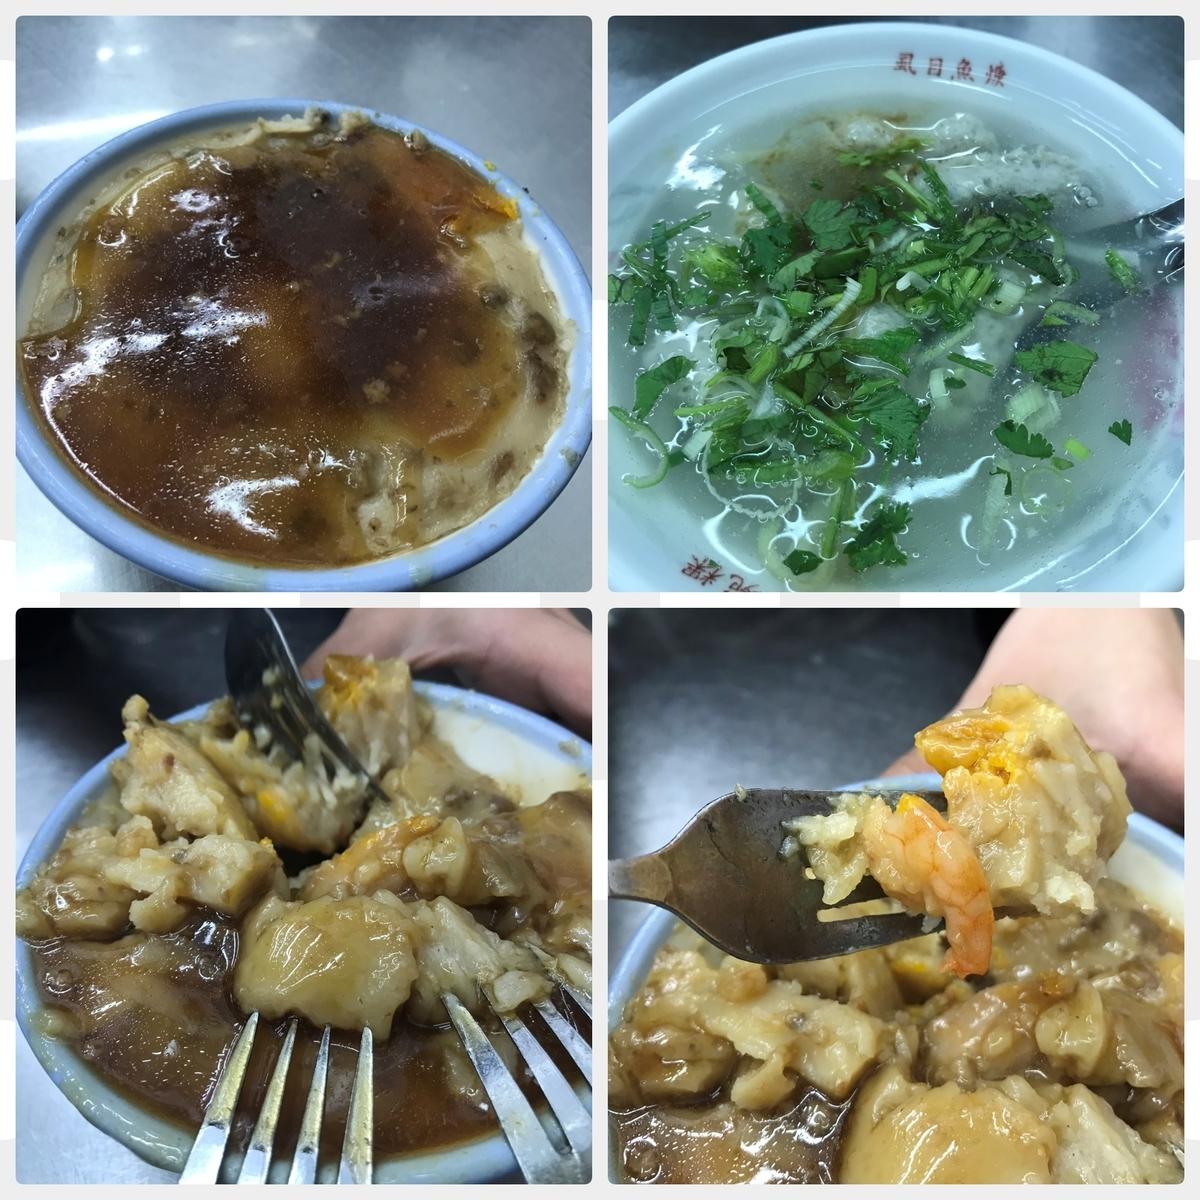 小南鄭記碗粿